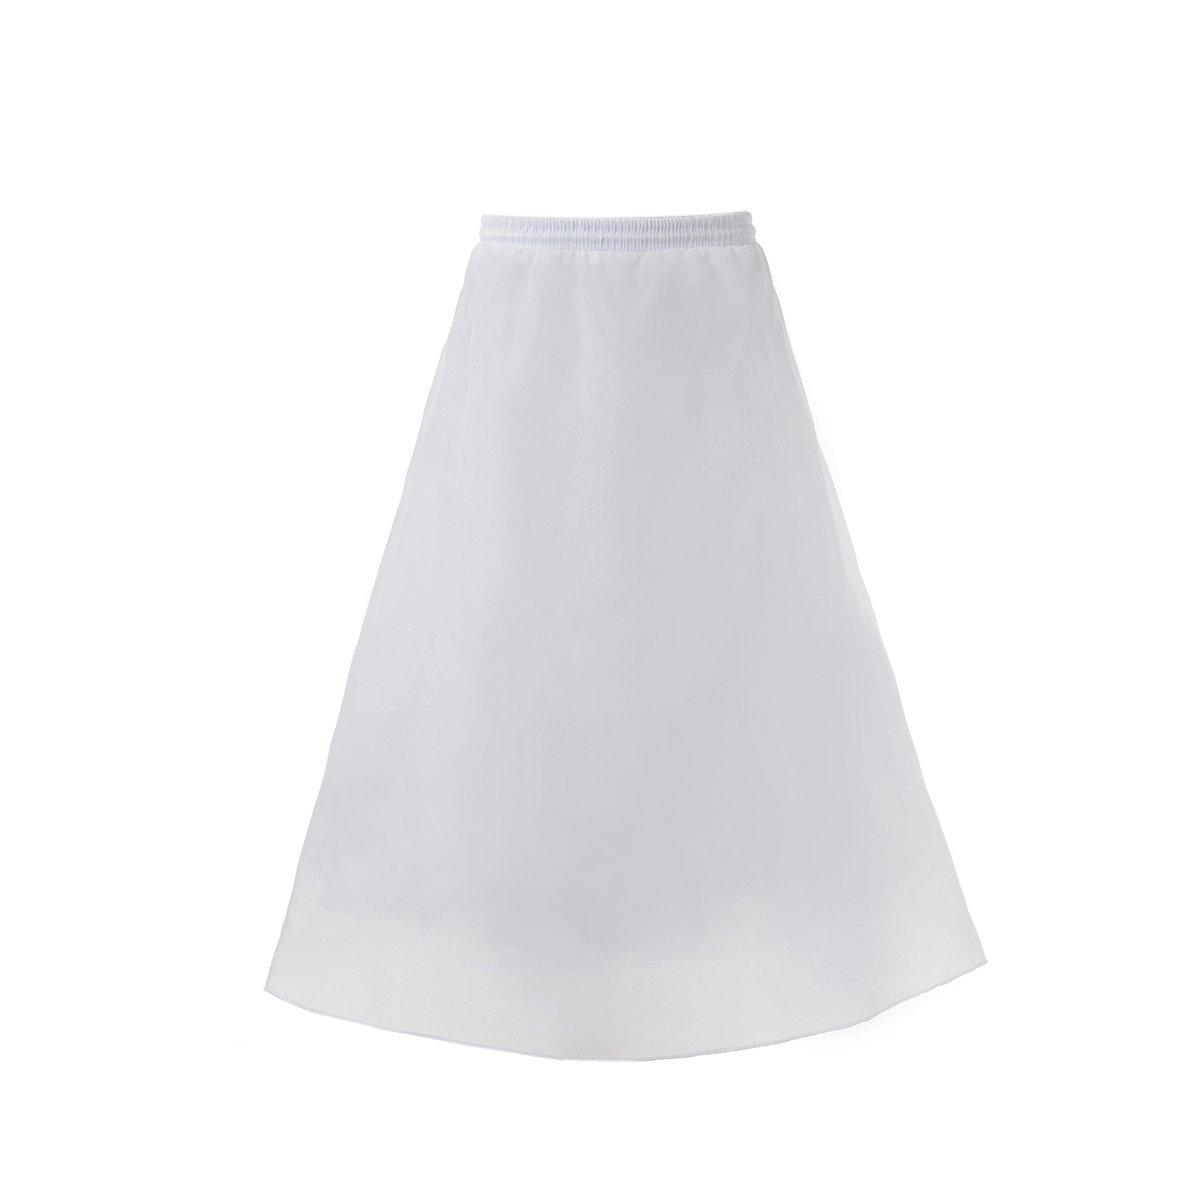 AWEI Girls Hoopless Petticoat Full Slip Kids Wedding Tutu Crinoline Underskirt AWUSQC150U012